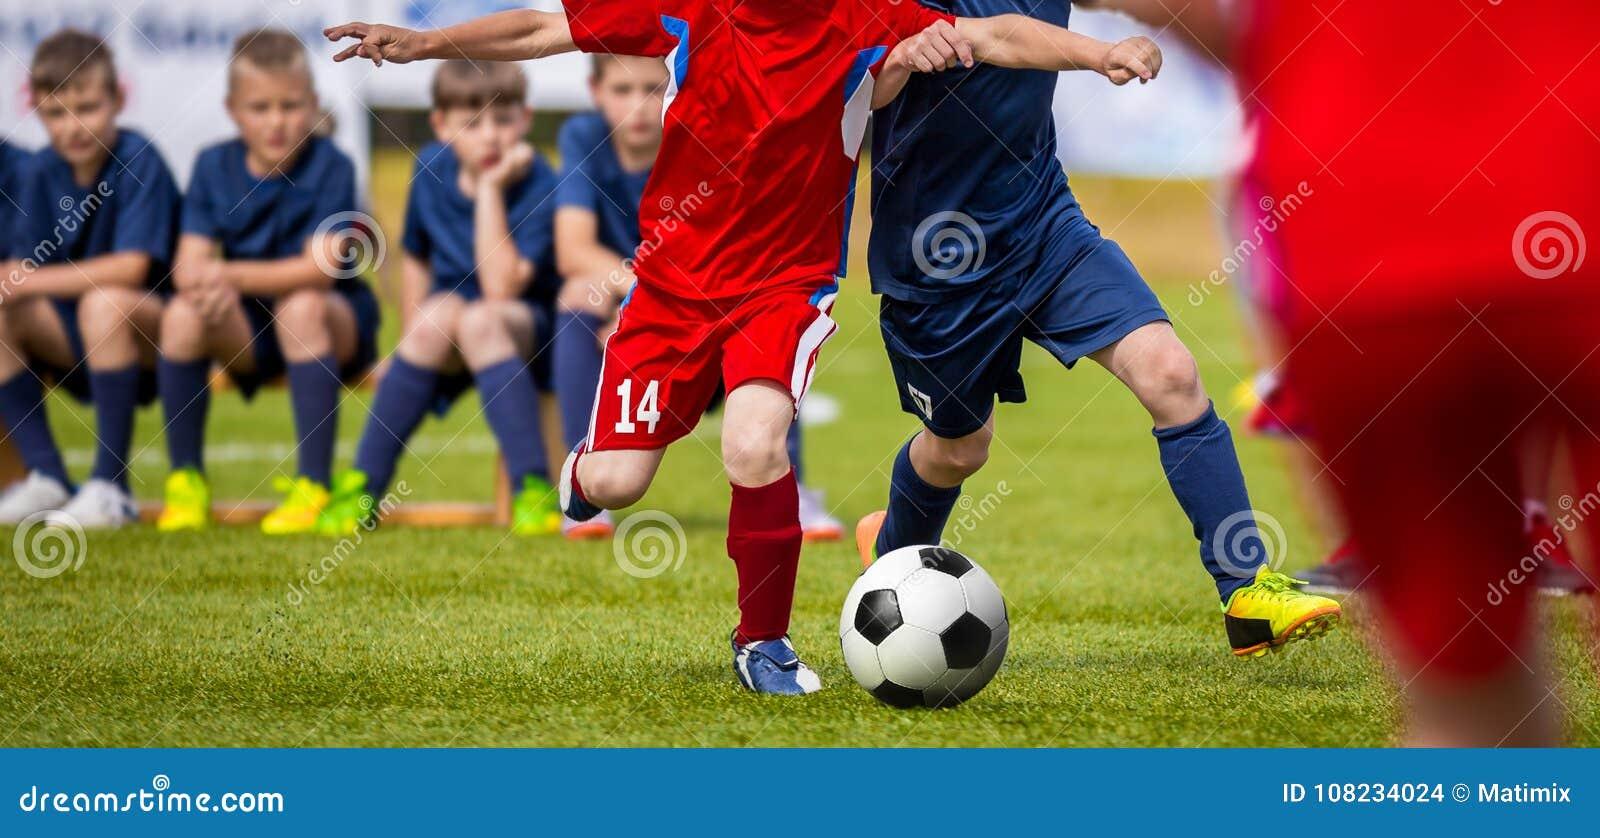 Futbolowy dopasowanie dla młodych graczów Trenować i futbolowy piłka nożna turniej dla dzieci